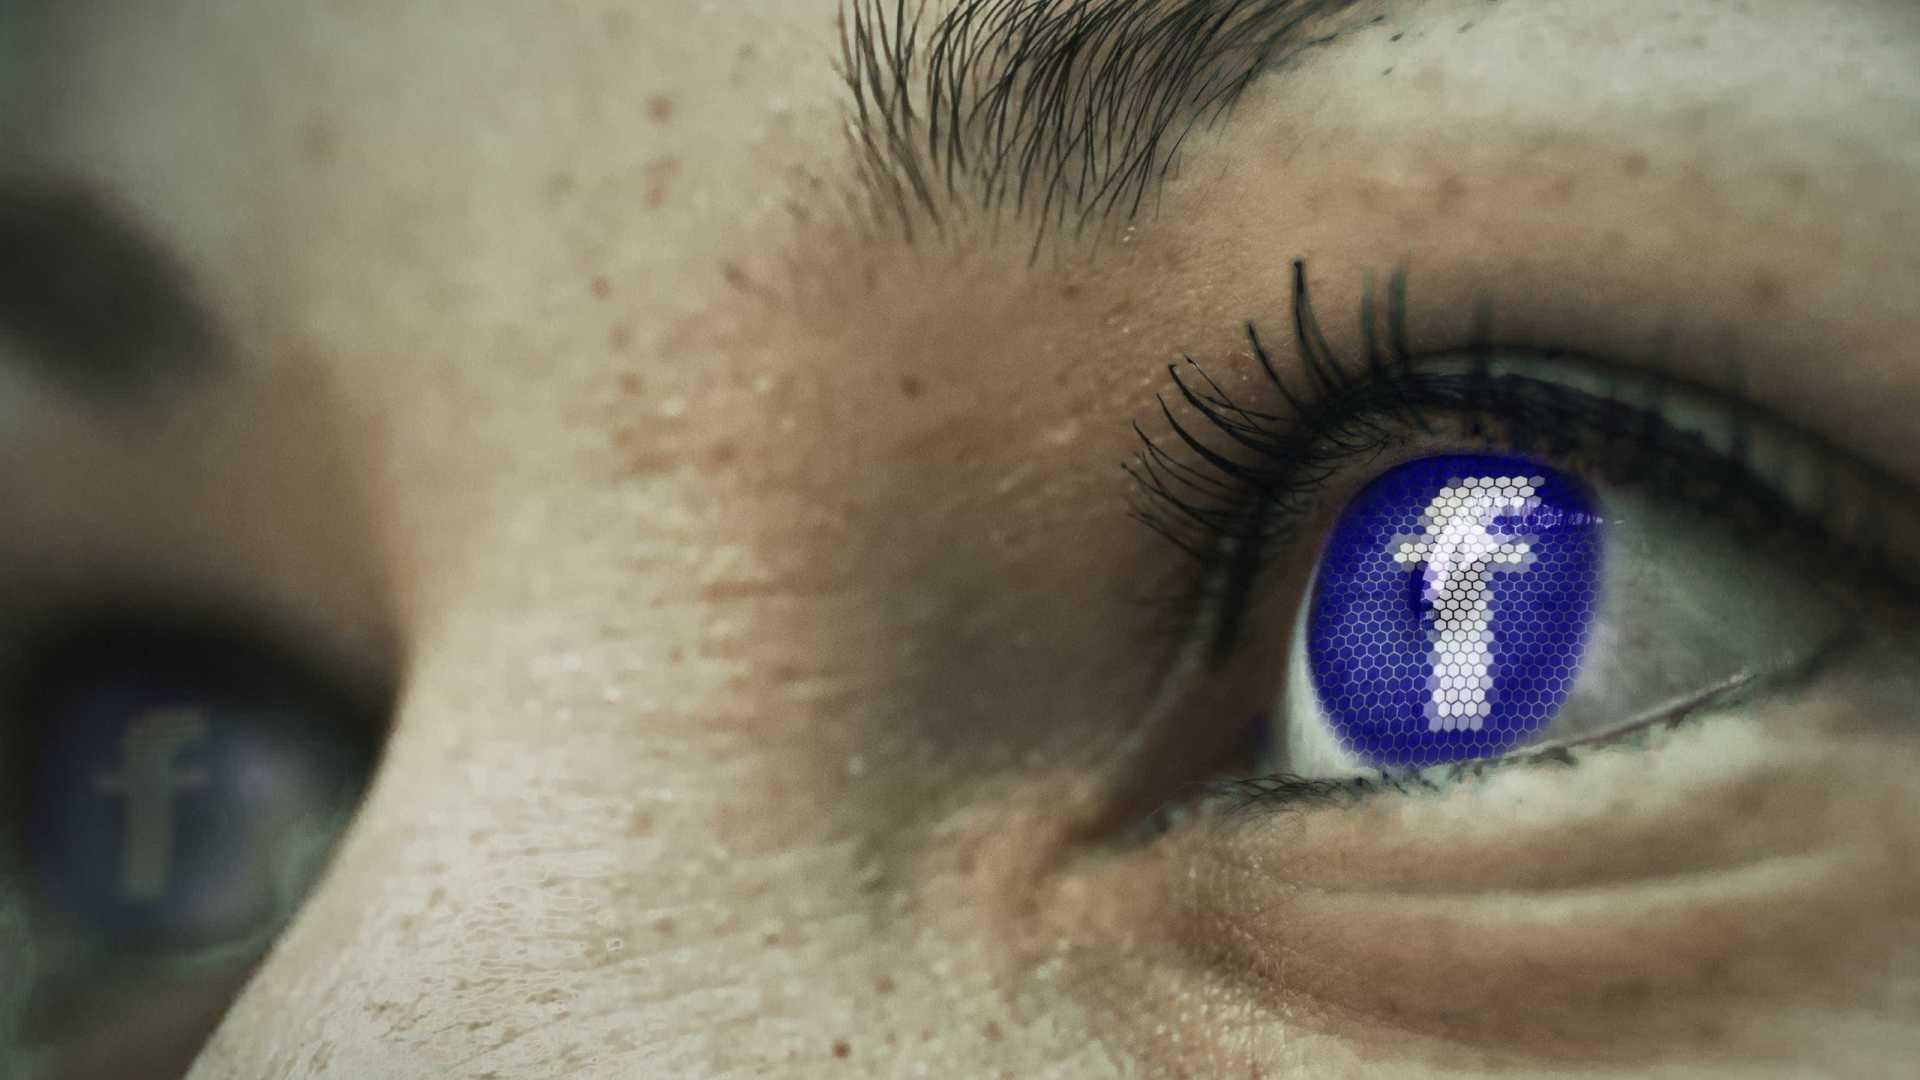 naom 5b0dd4b4e2218 - Facebook monta 'sala de guerra' para combater notícias falsas